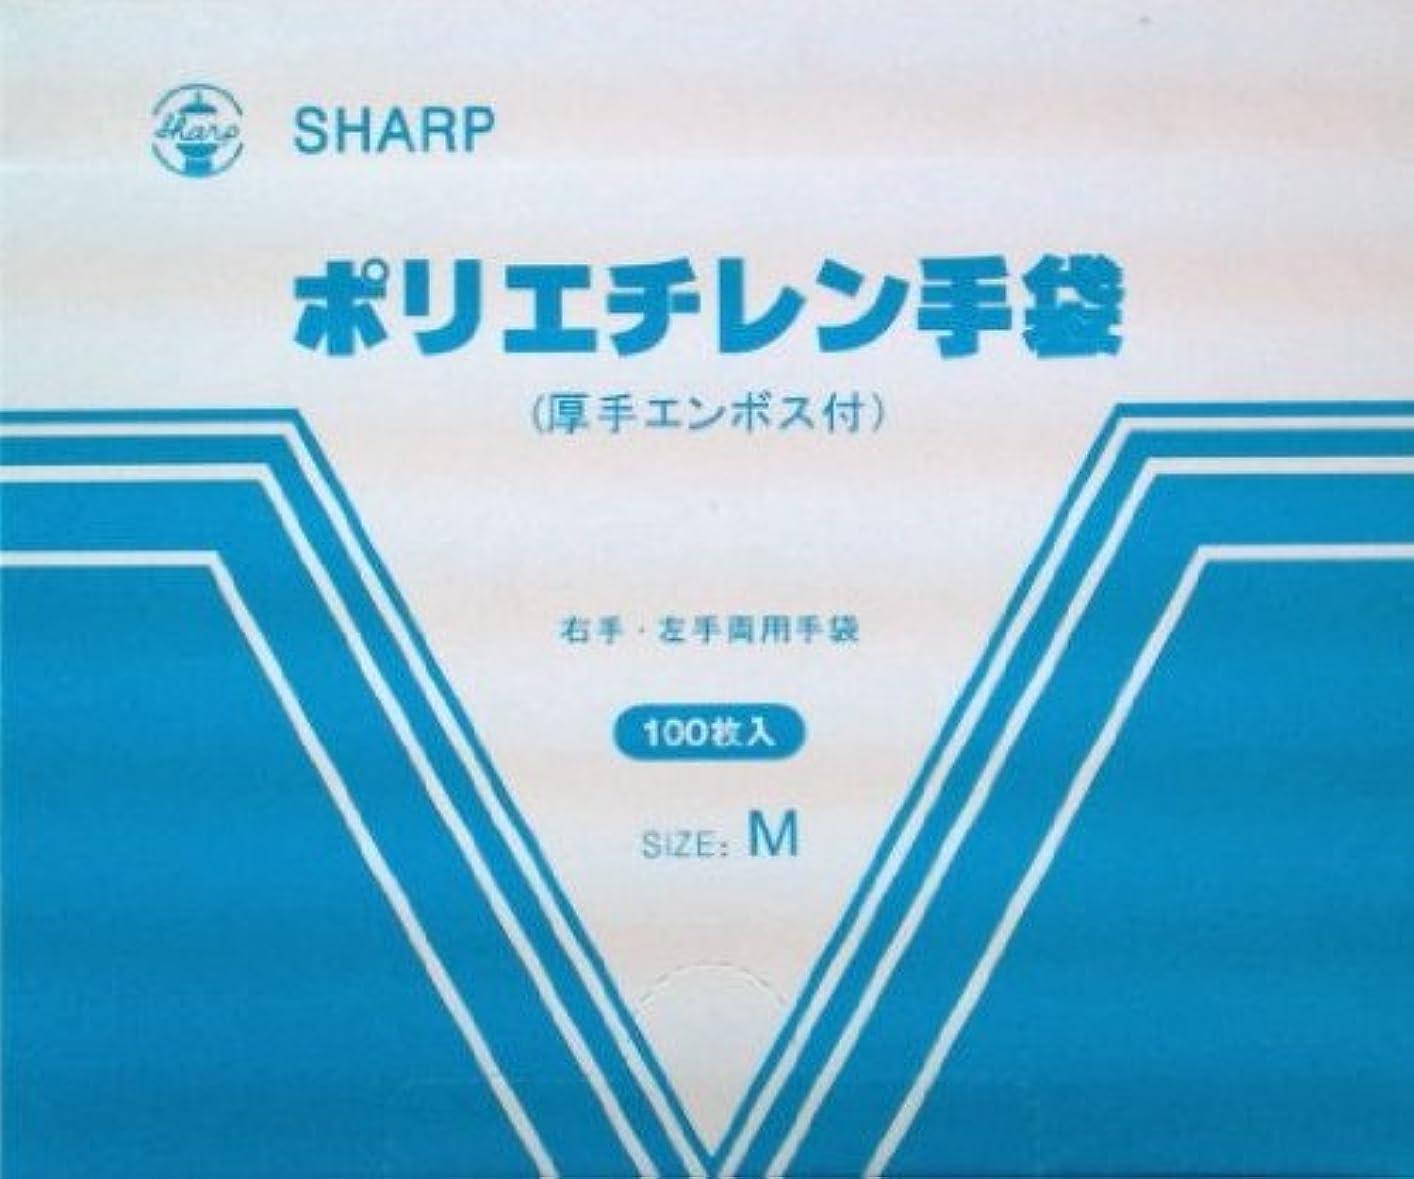 教育する調整可能時々新鋭工業 SHARP ポリエチレン手袋 左右兼用100枚入り Mサイズ 100枚入り